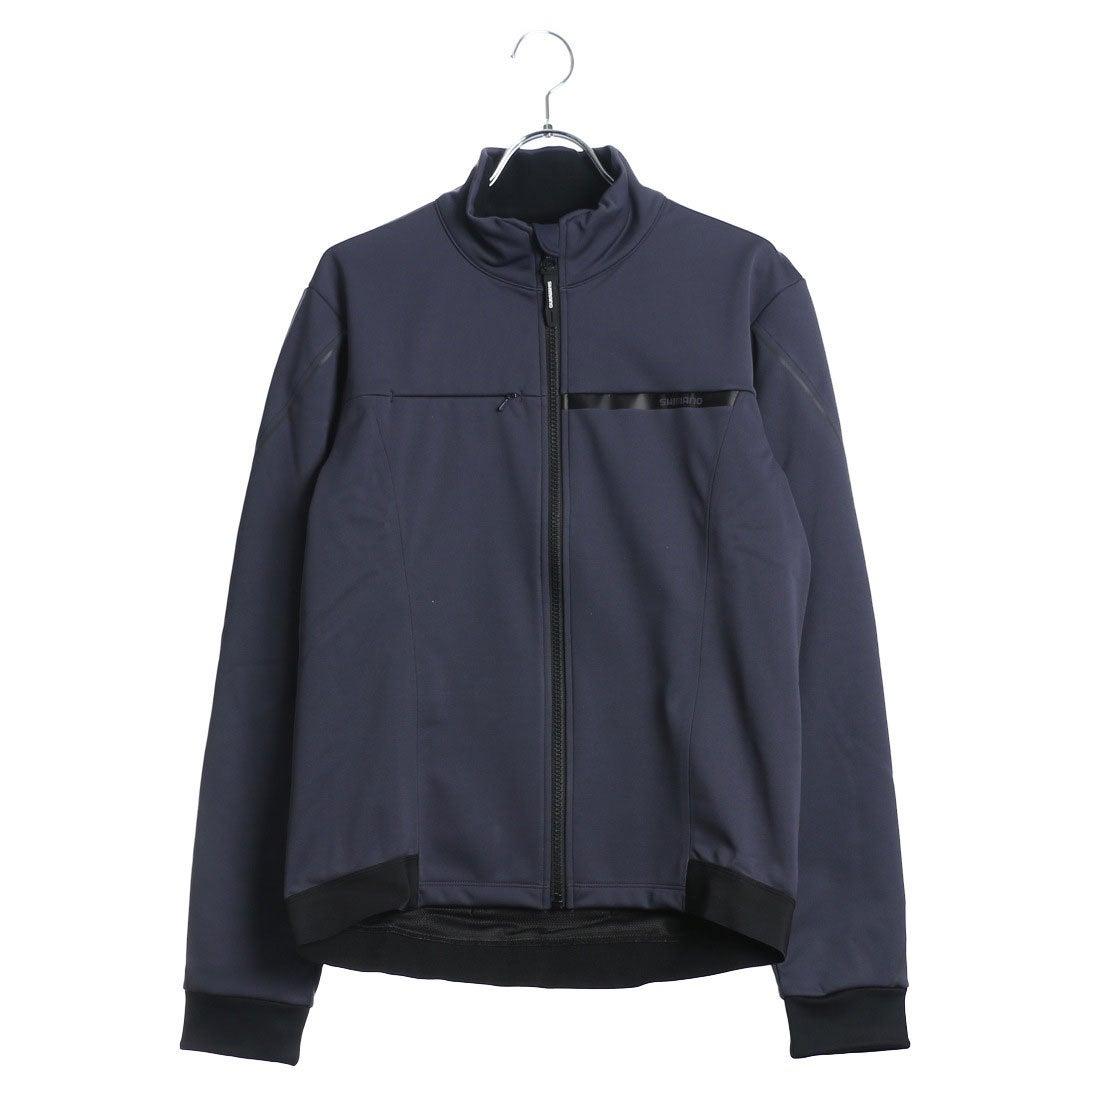 【SALE 30%OFF】シマノ SHIMANO メンズ バイシクル サイクルジャージ ウインドブレーク ジャケット APWQS22MS2